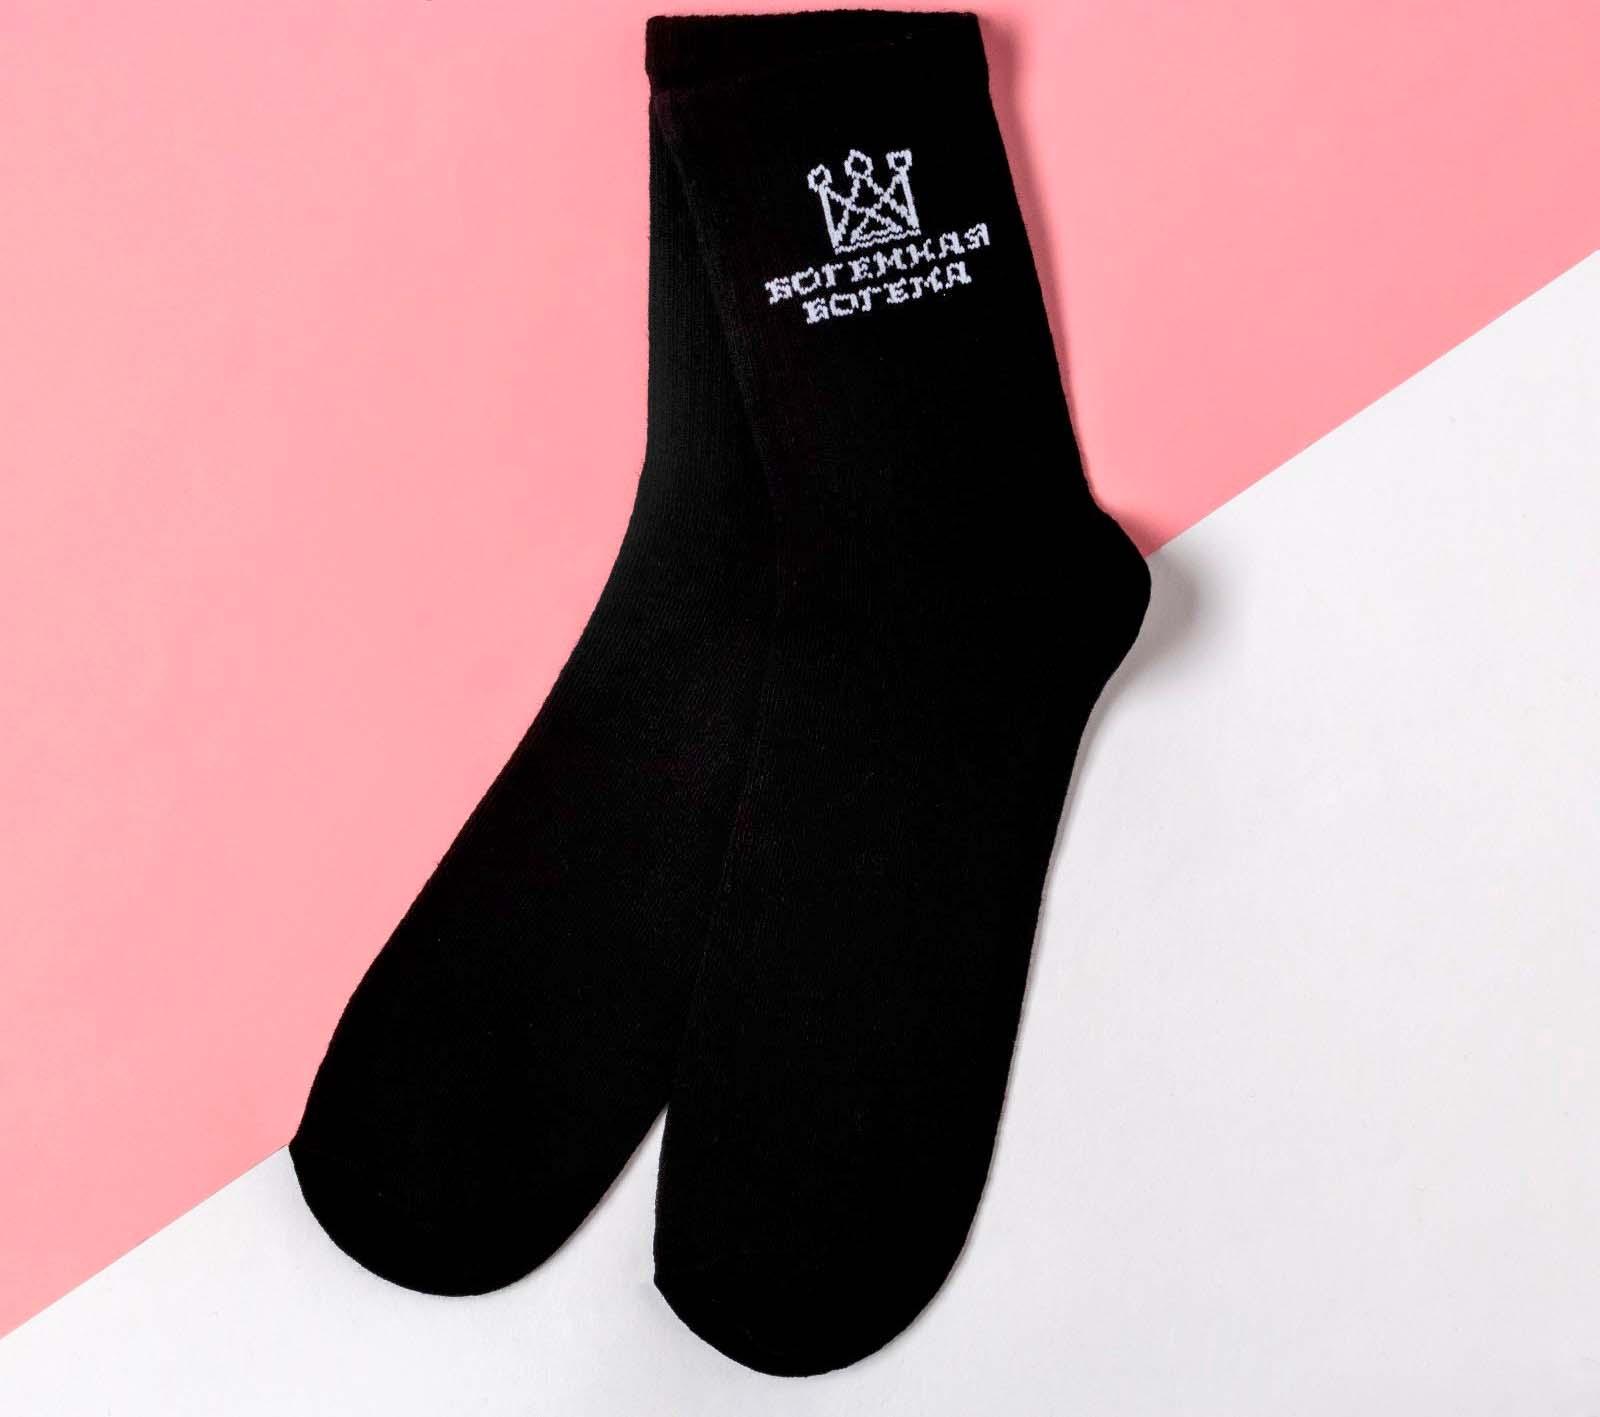 Носки женские Богема цвет: черный (36-40)